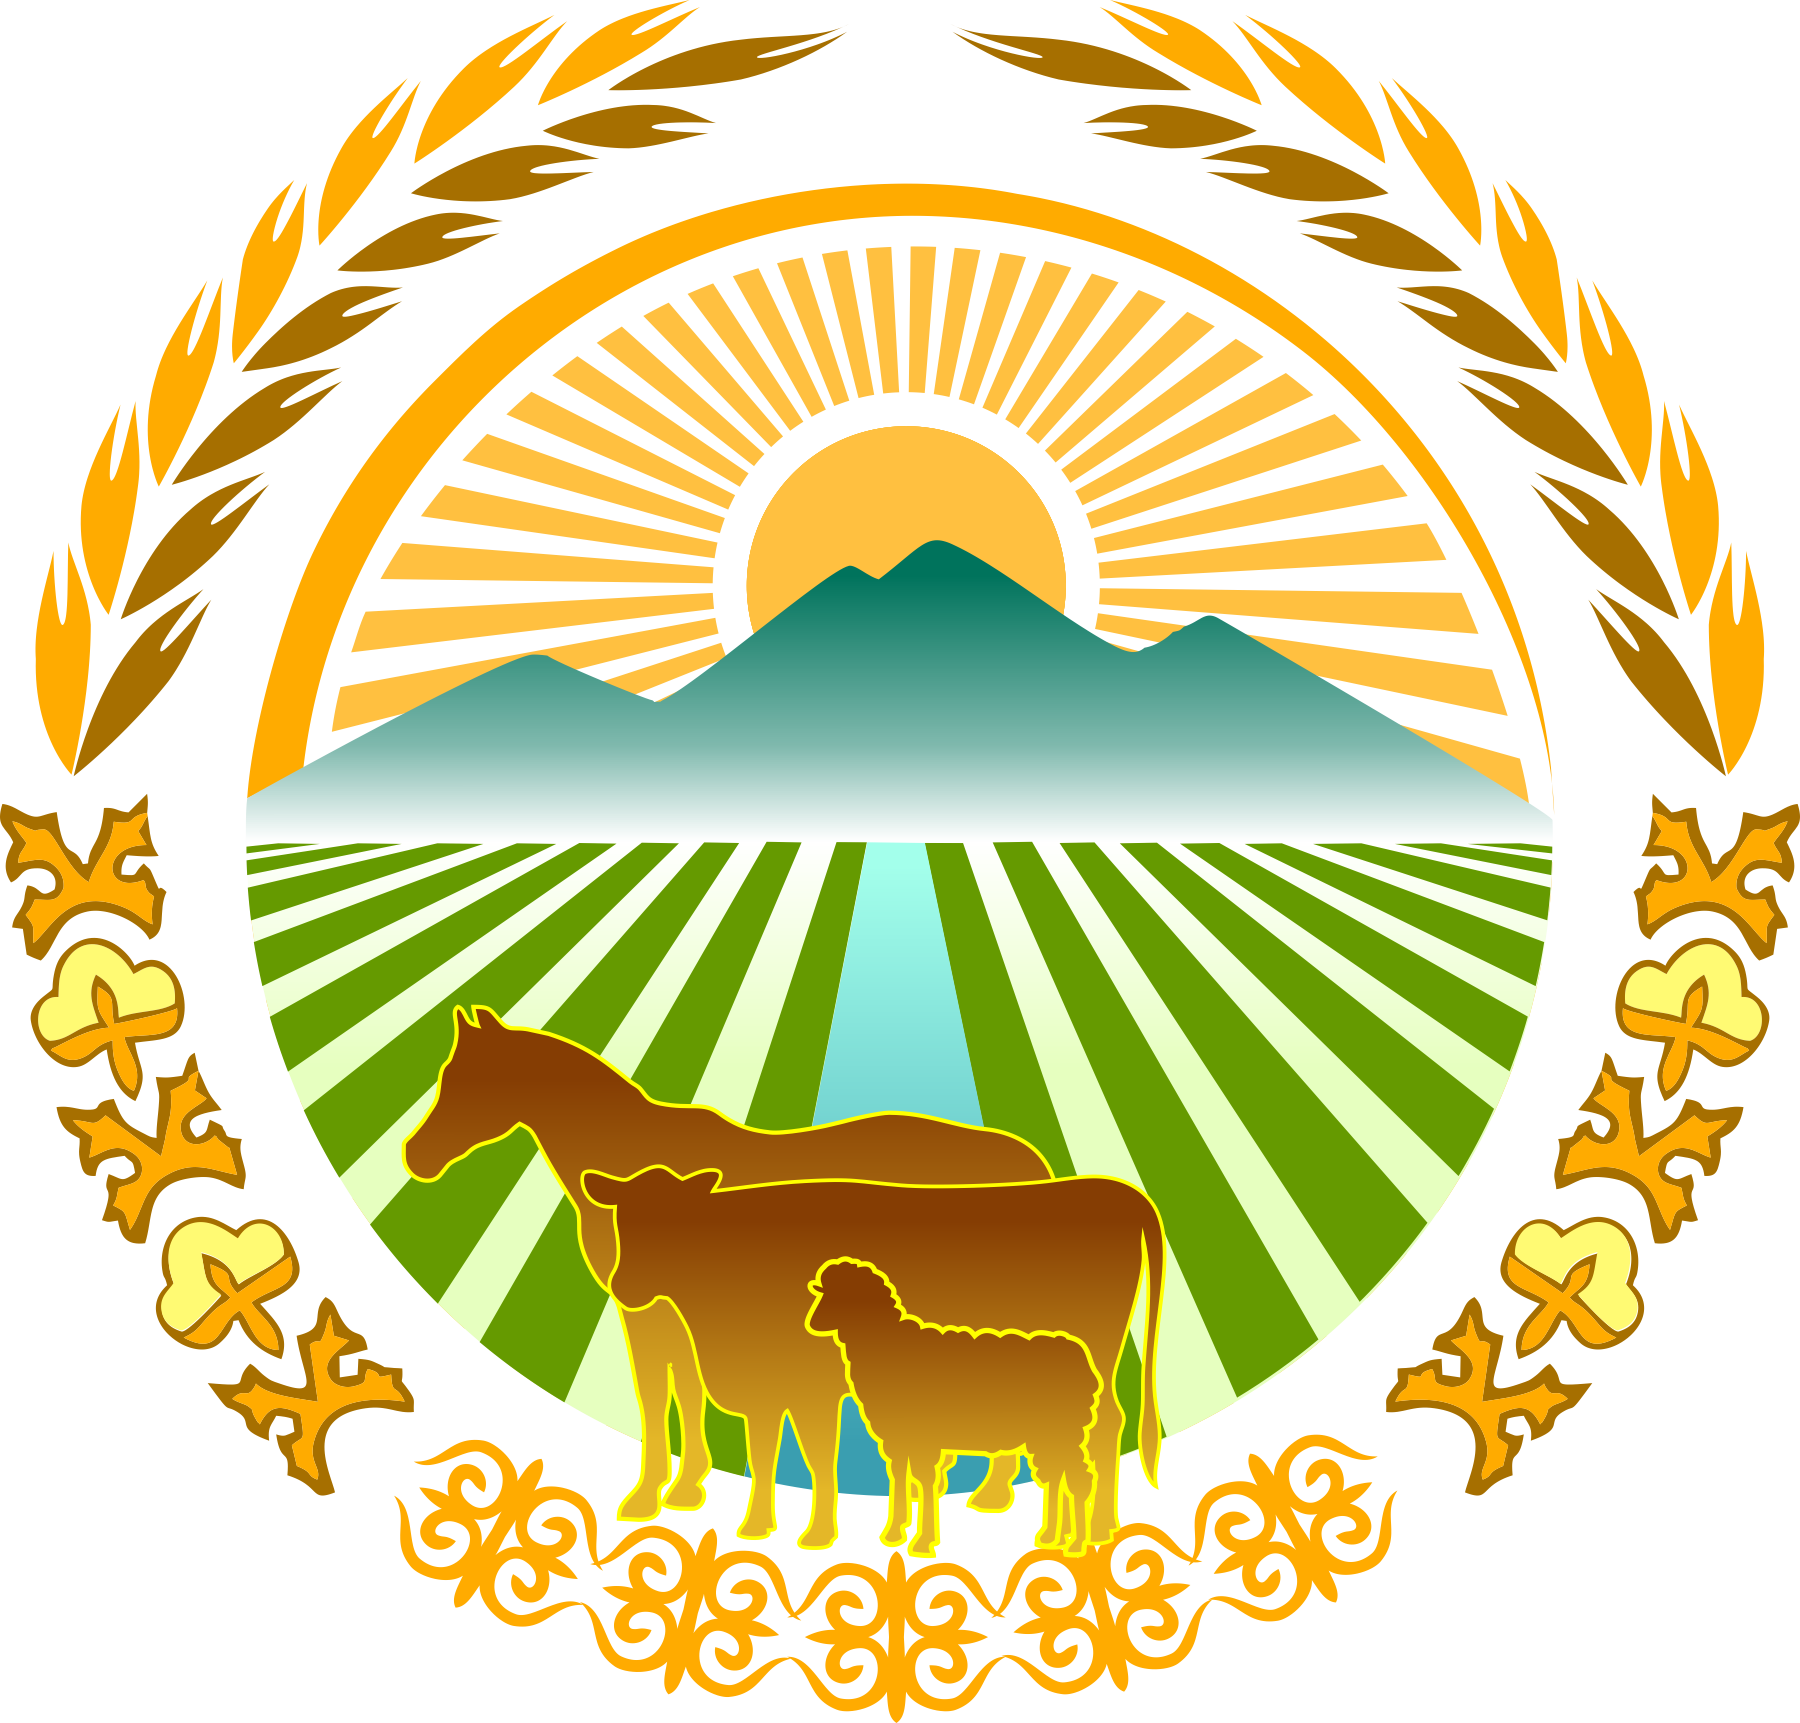 Министерство сельского, водного и лесного хозяйства Кыргызской Республики